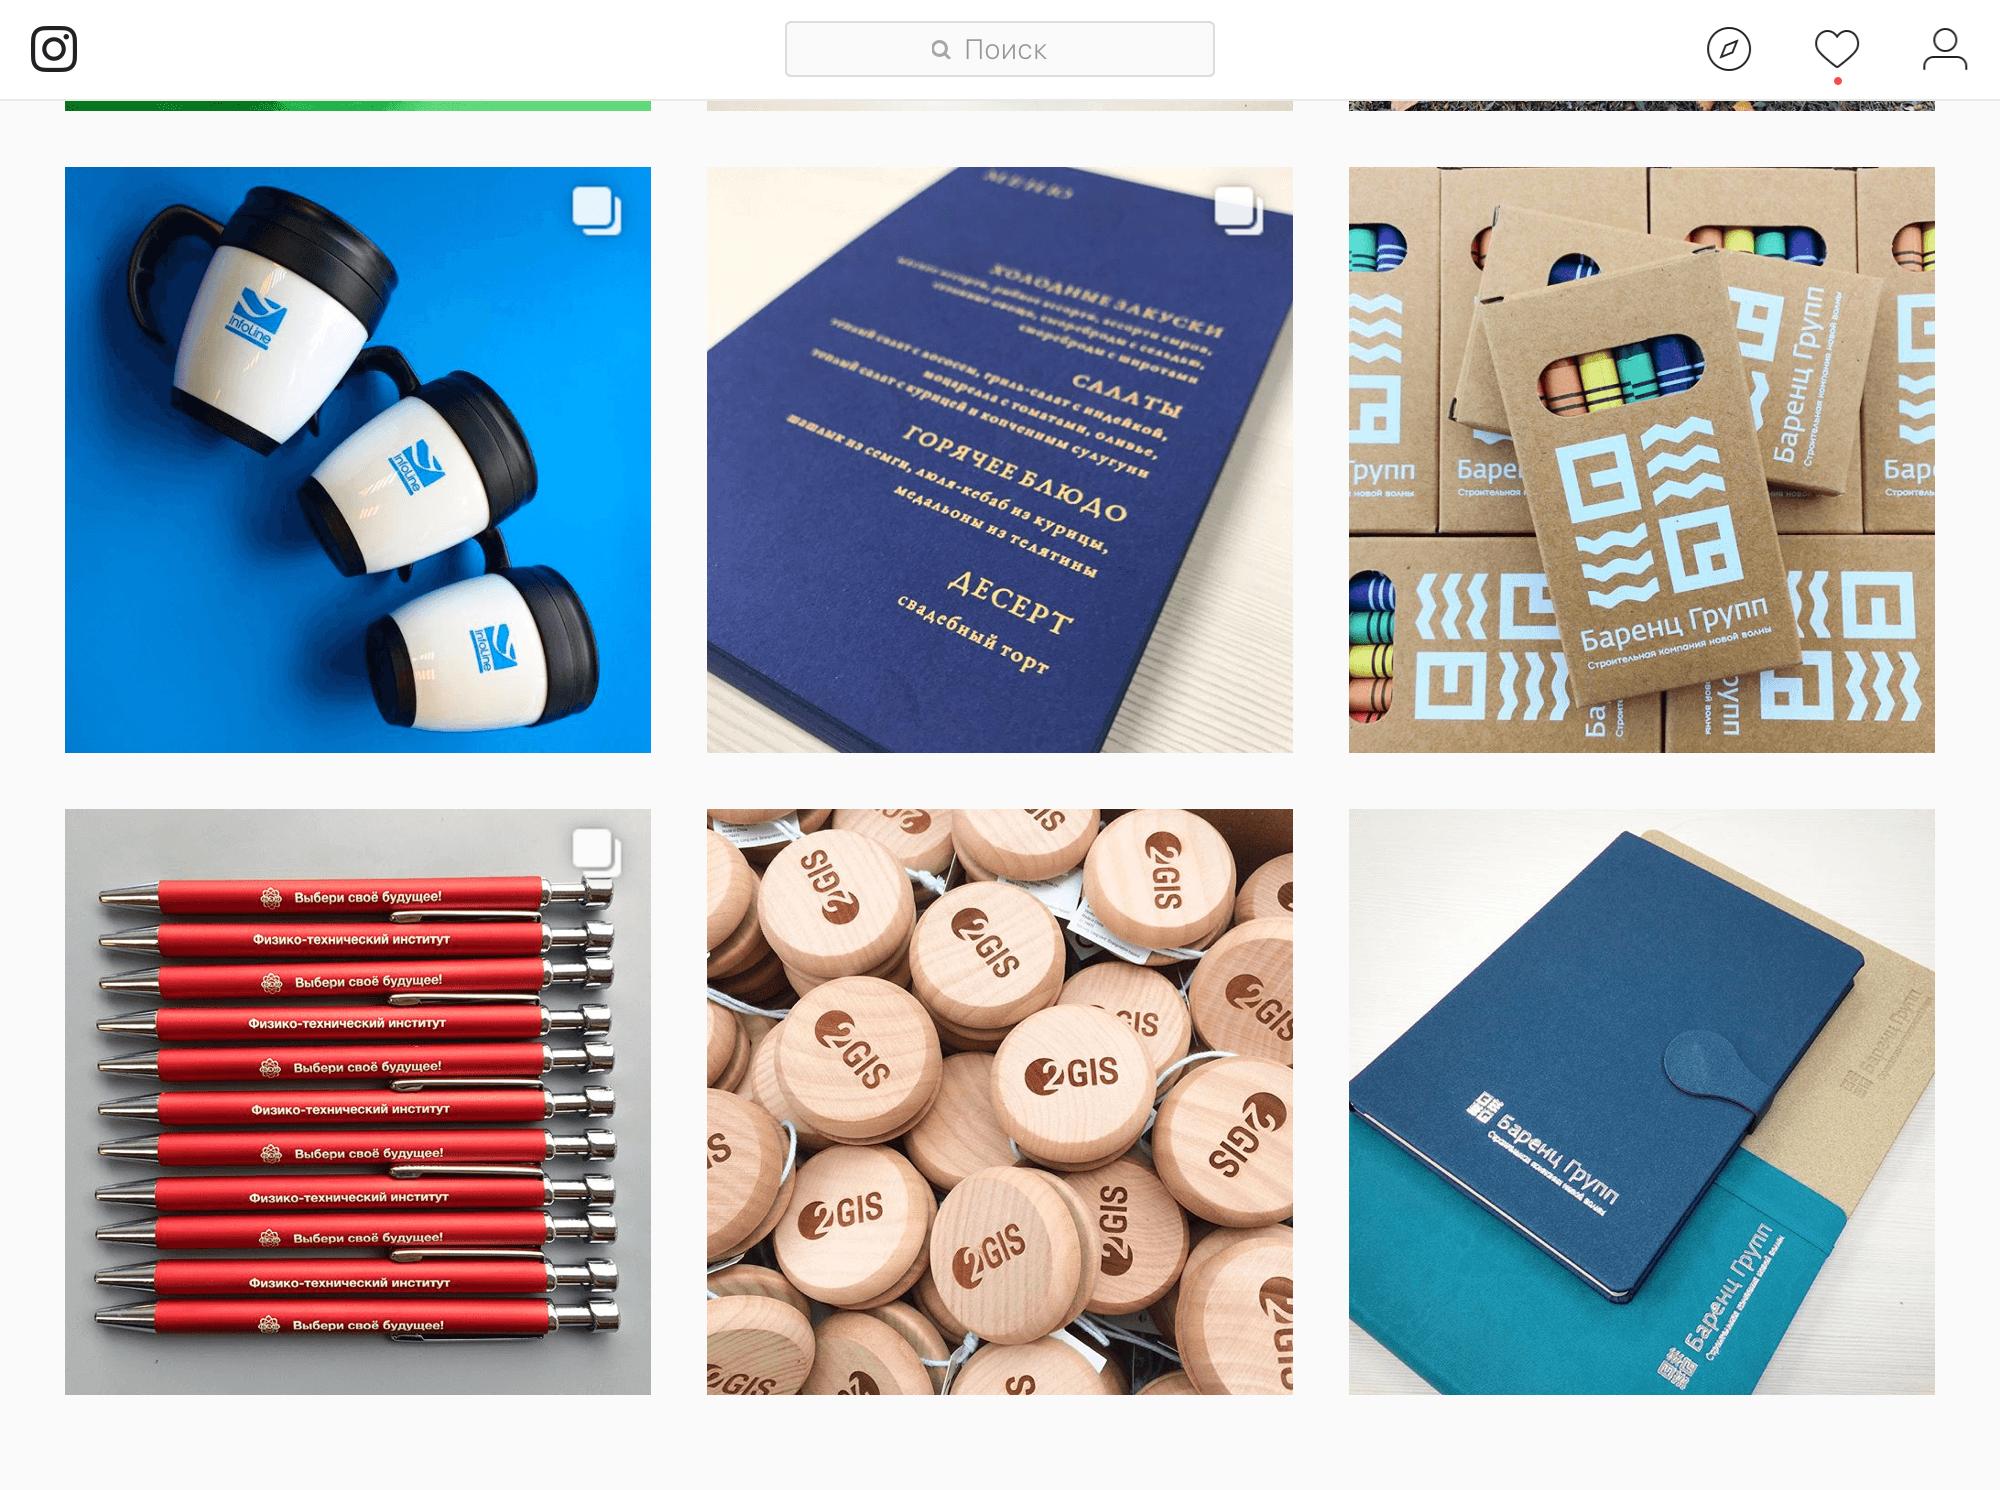 Инстаграм «Твоей типографии» ведут лениво: периодически выкладывают фотографии продукции, но раскруткой не занимаются